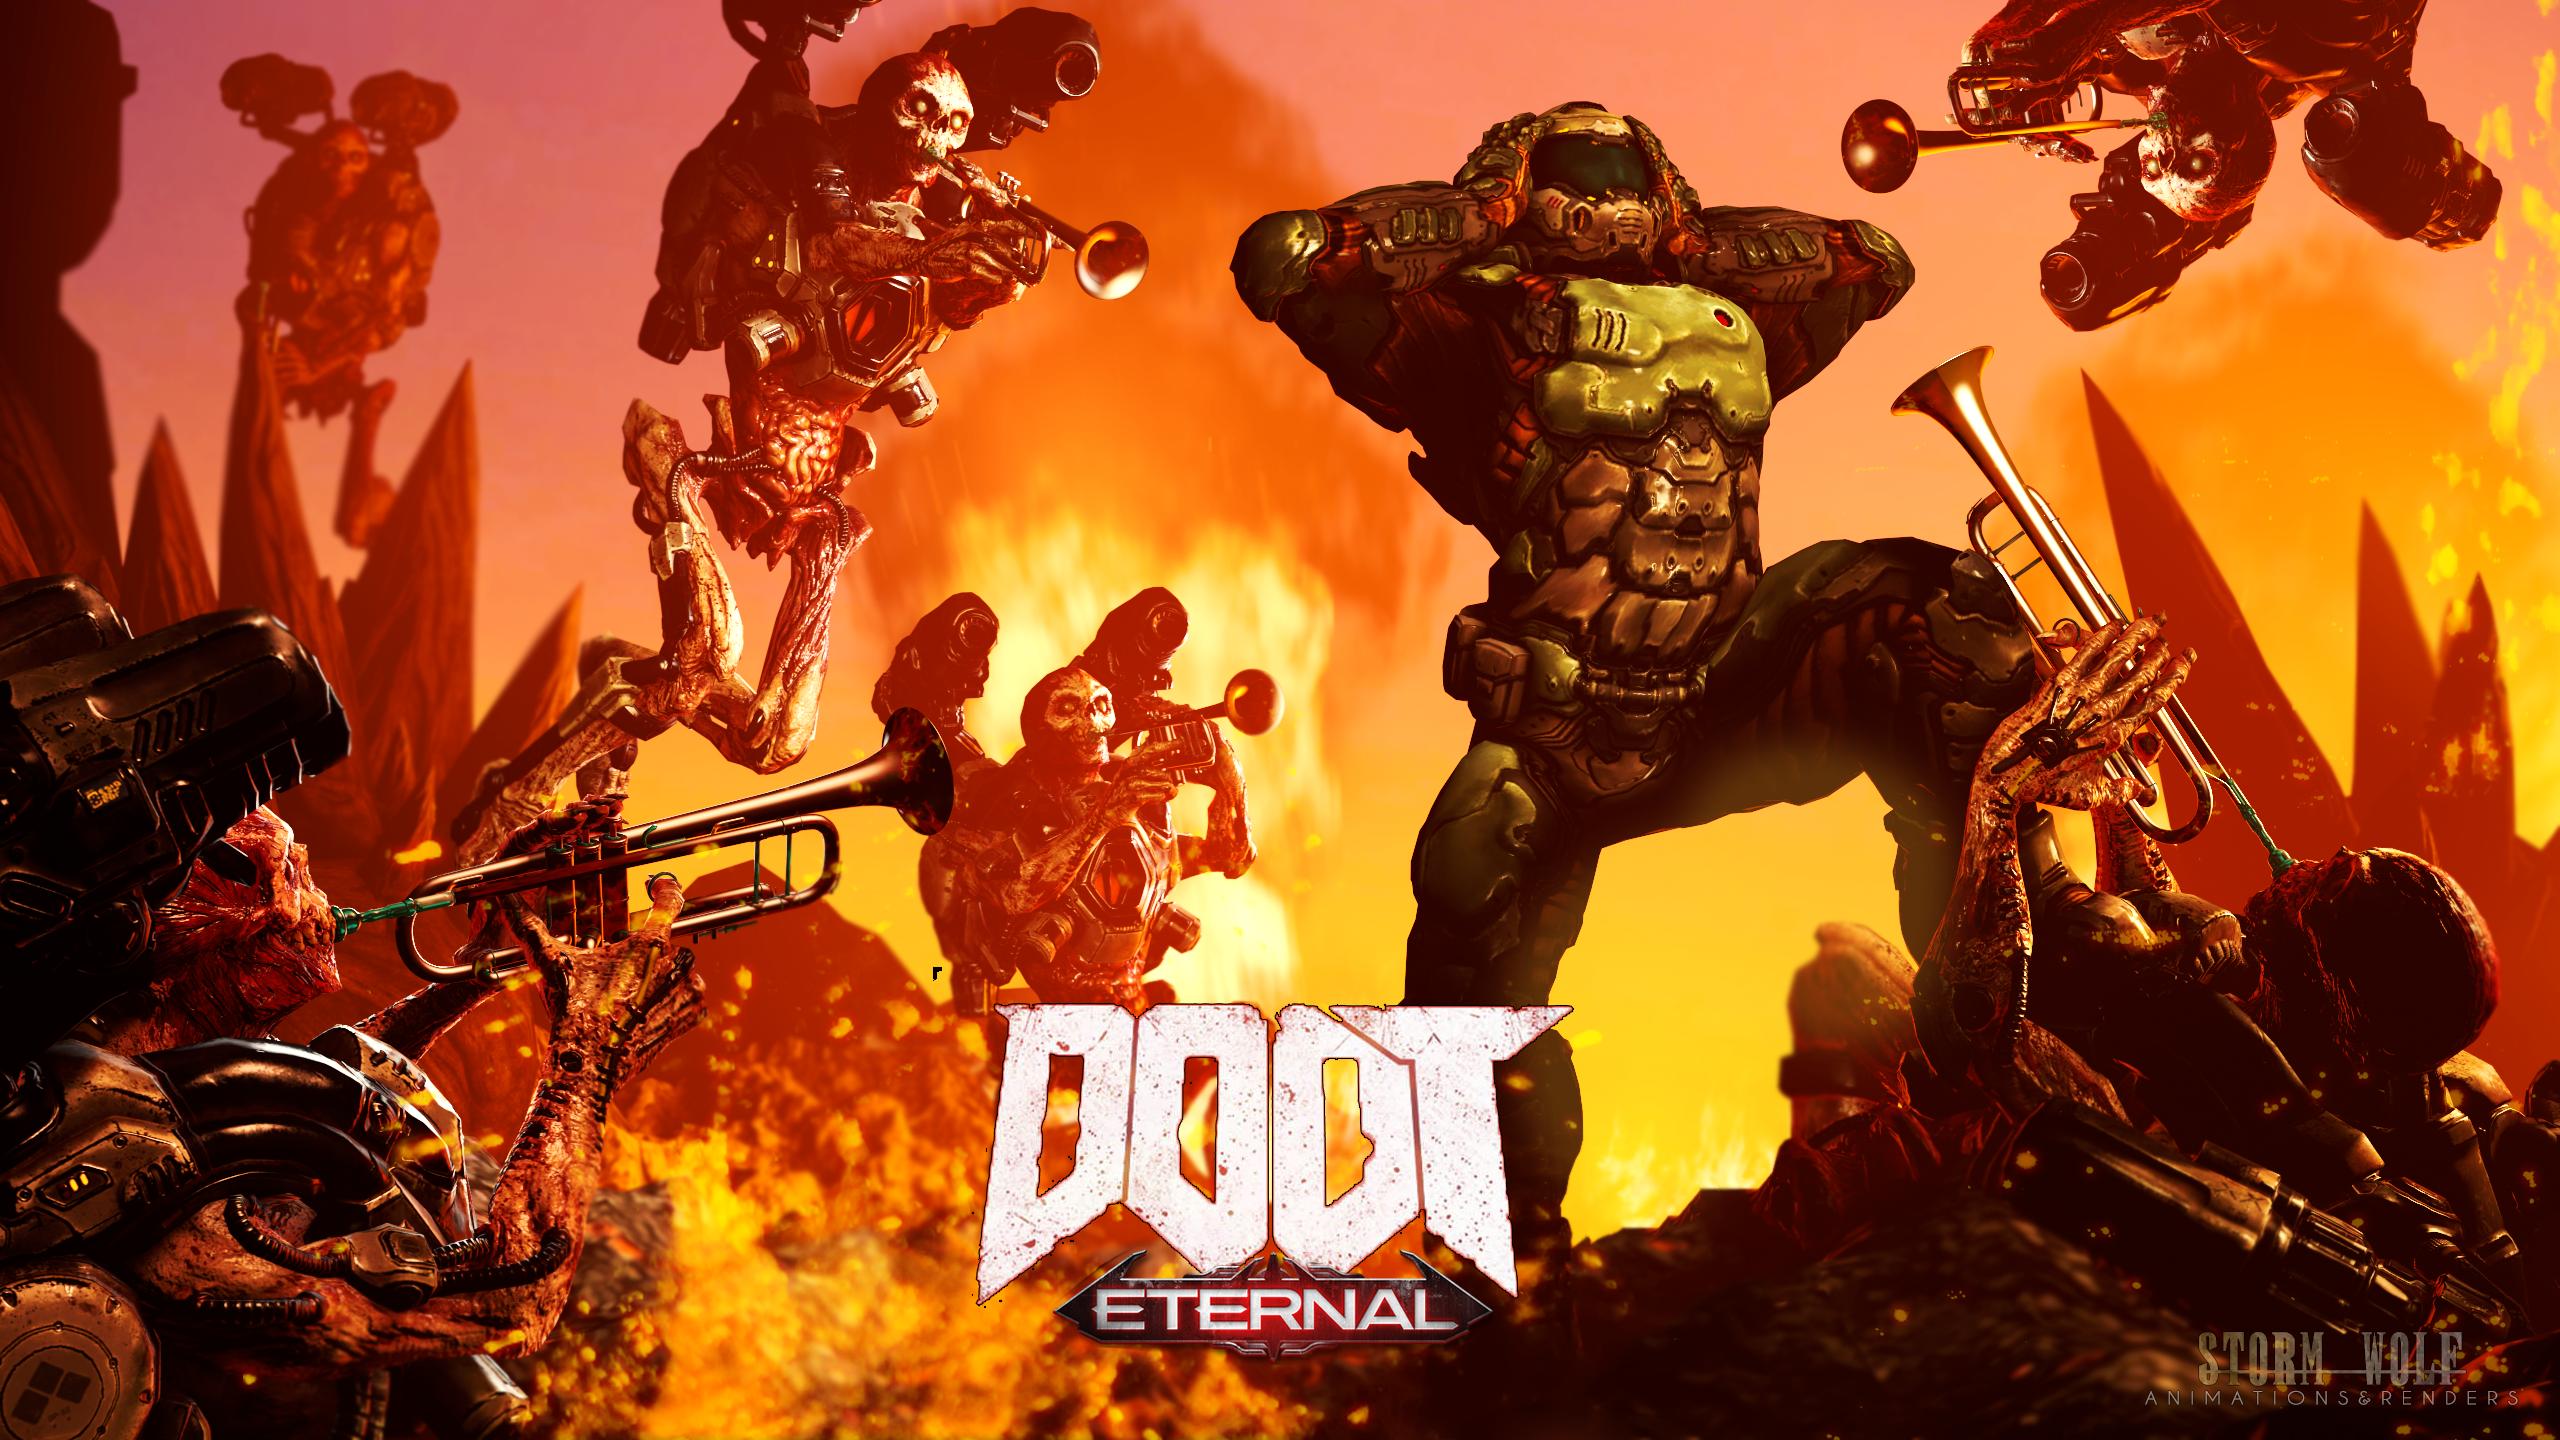 Eternal Doot! by TheStormWolf | Doom Eternal | Know Your Meme